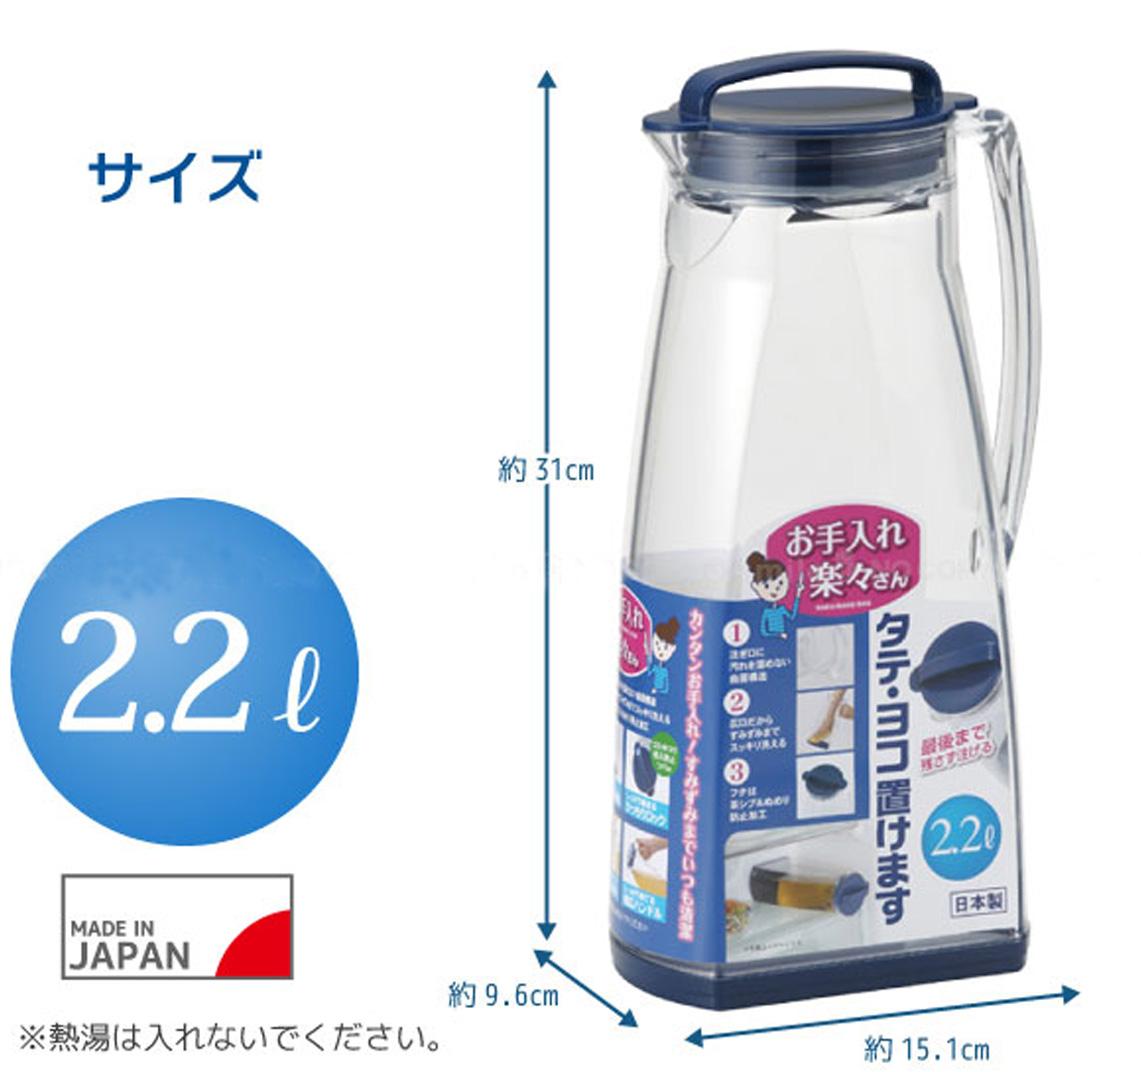 日本製OSK 可橫放耐熱冷水壺2入組